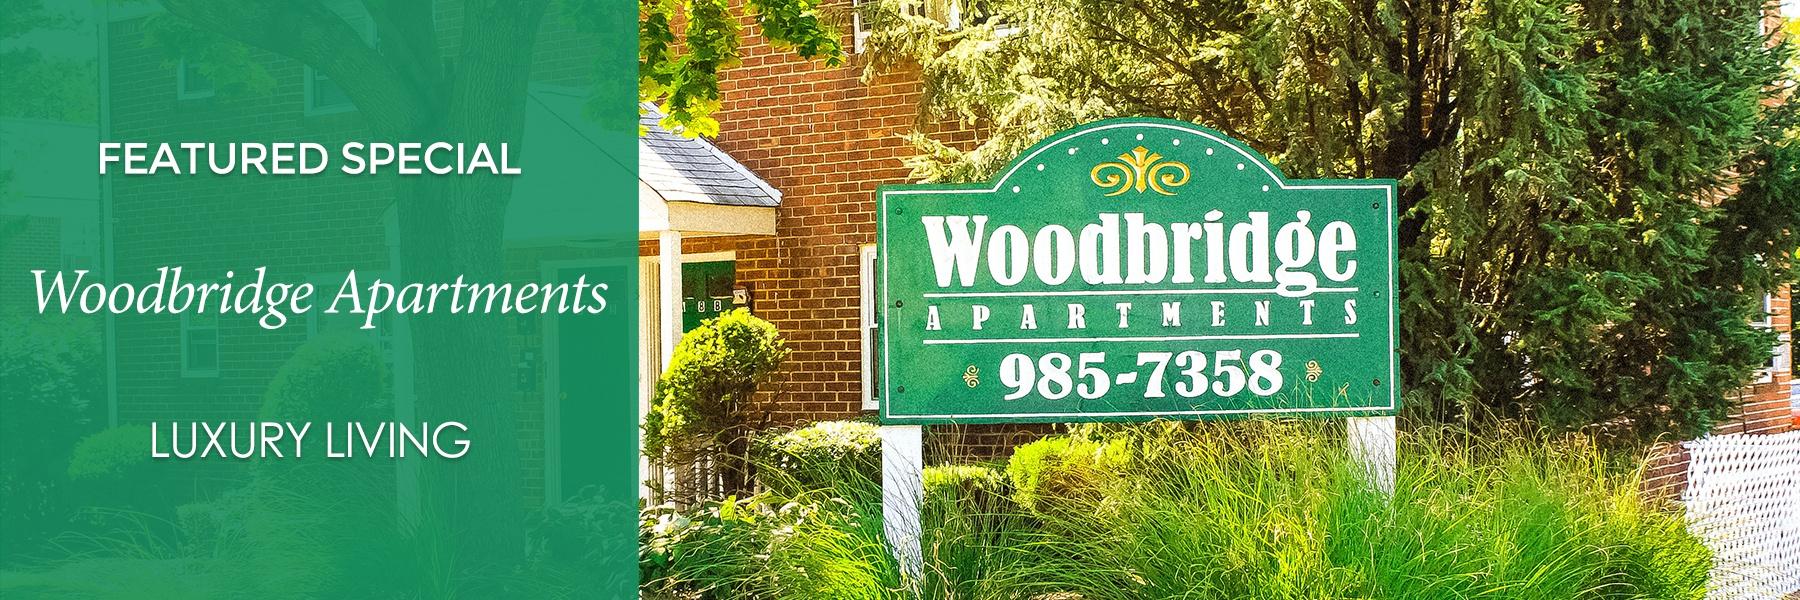 Woodbridge Apartments Specials